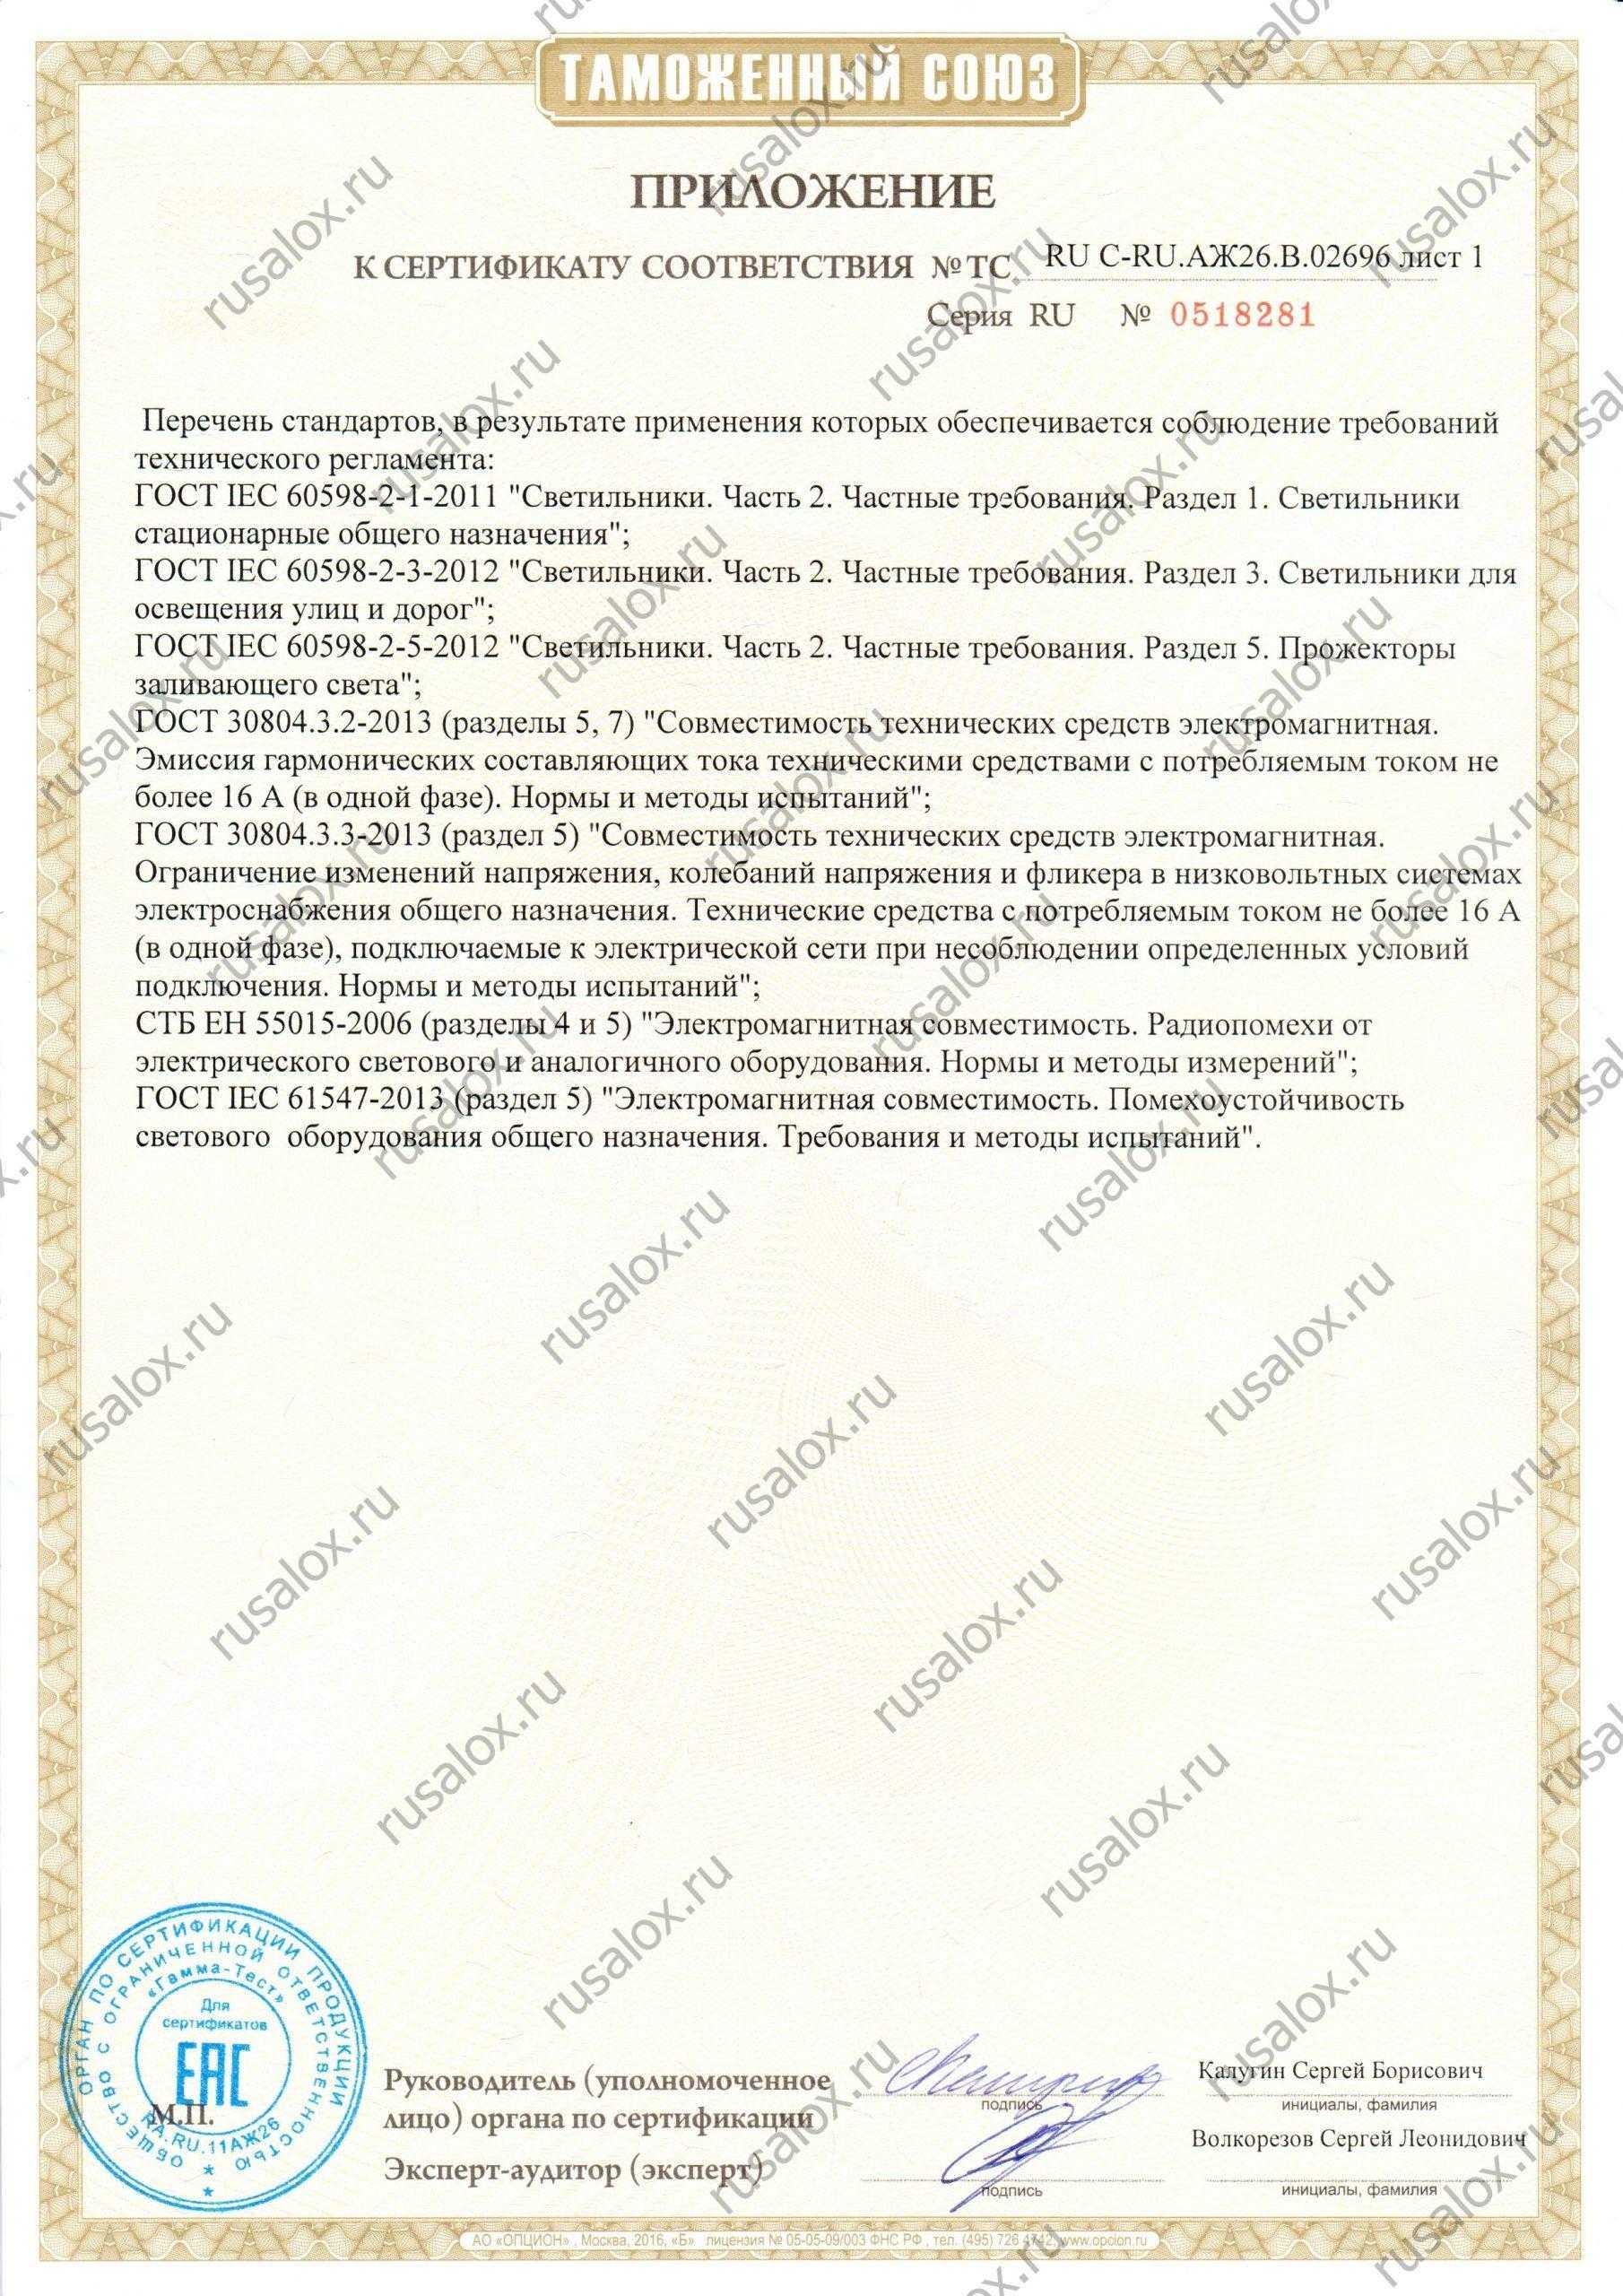 Приложение к сертификату соответствия светодиодных светильников серии Авантаж